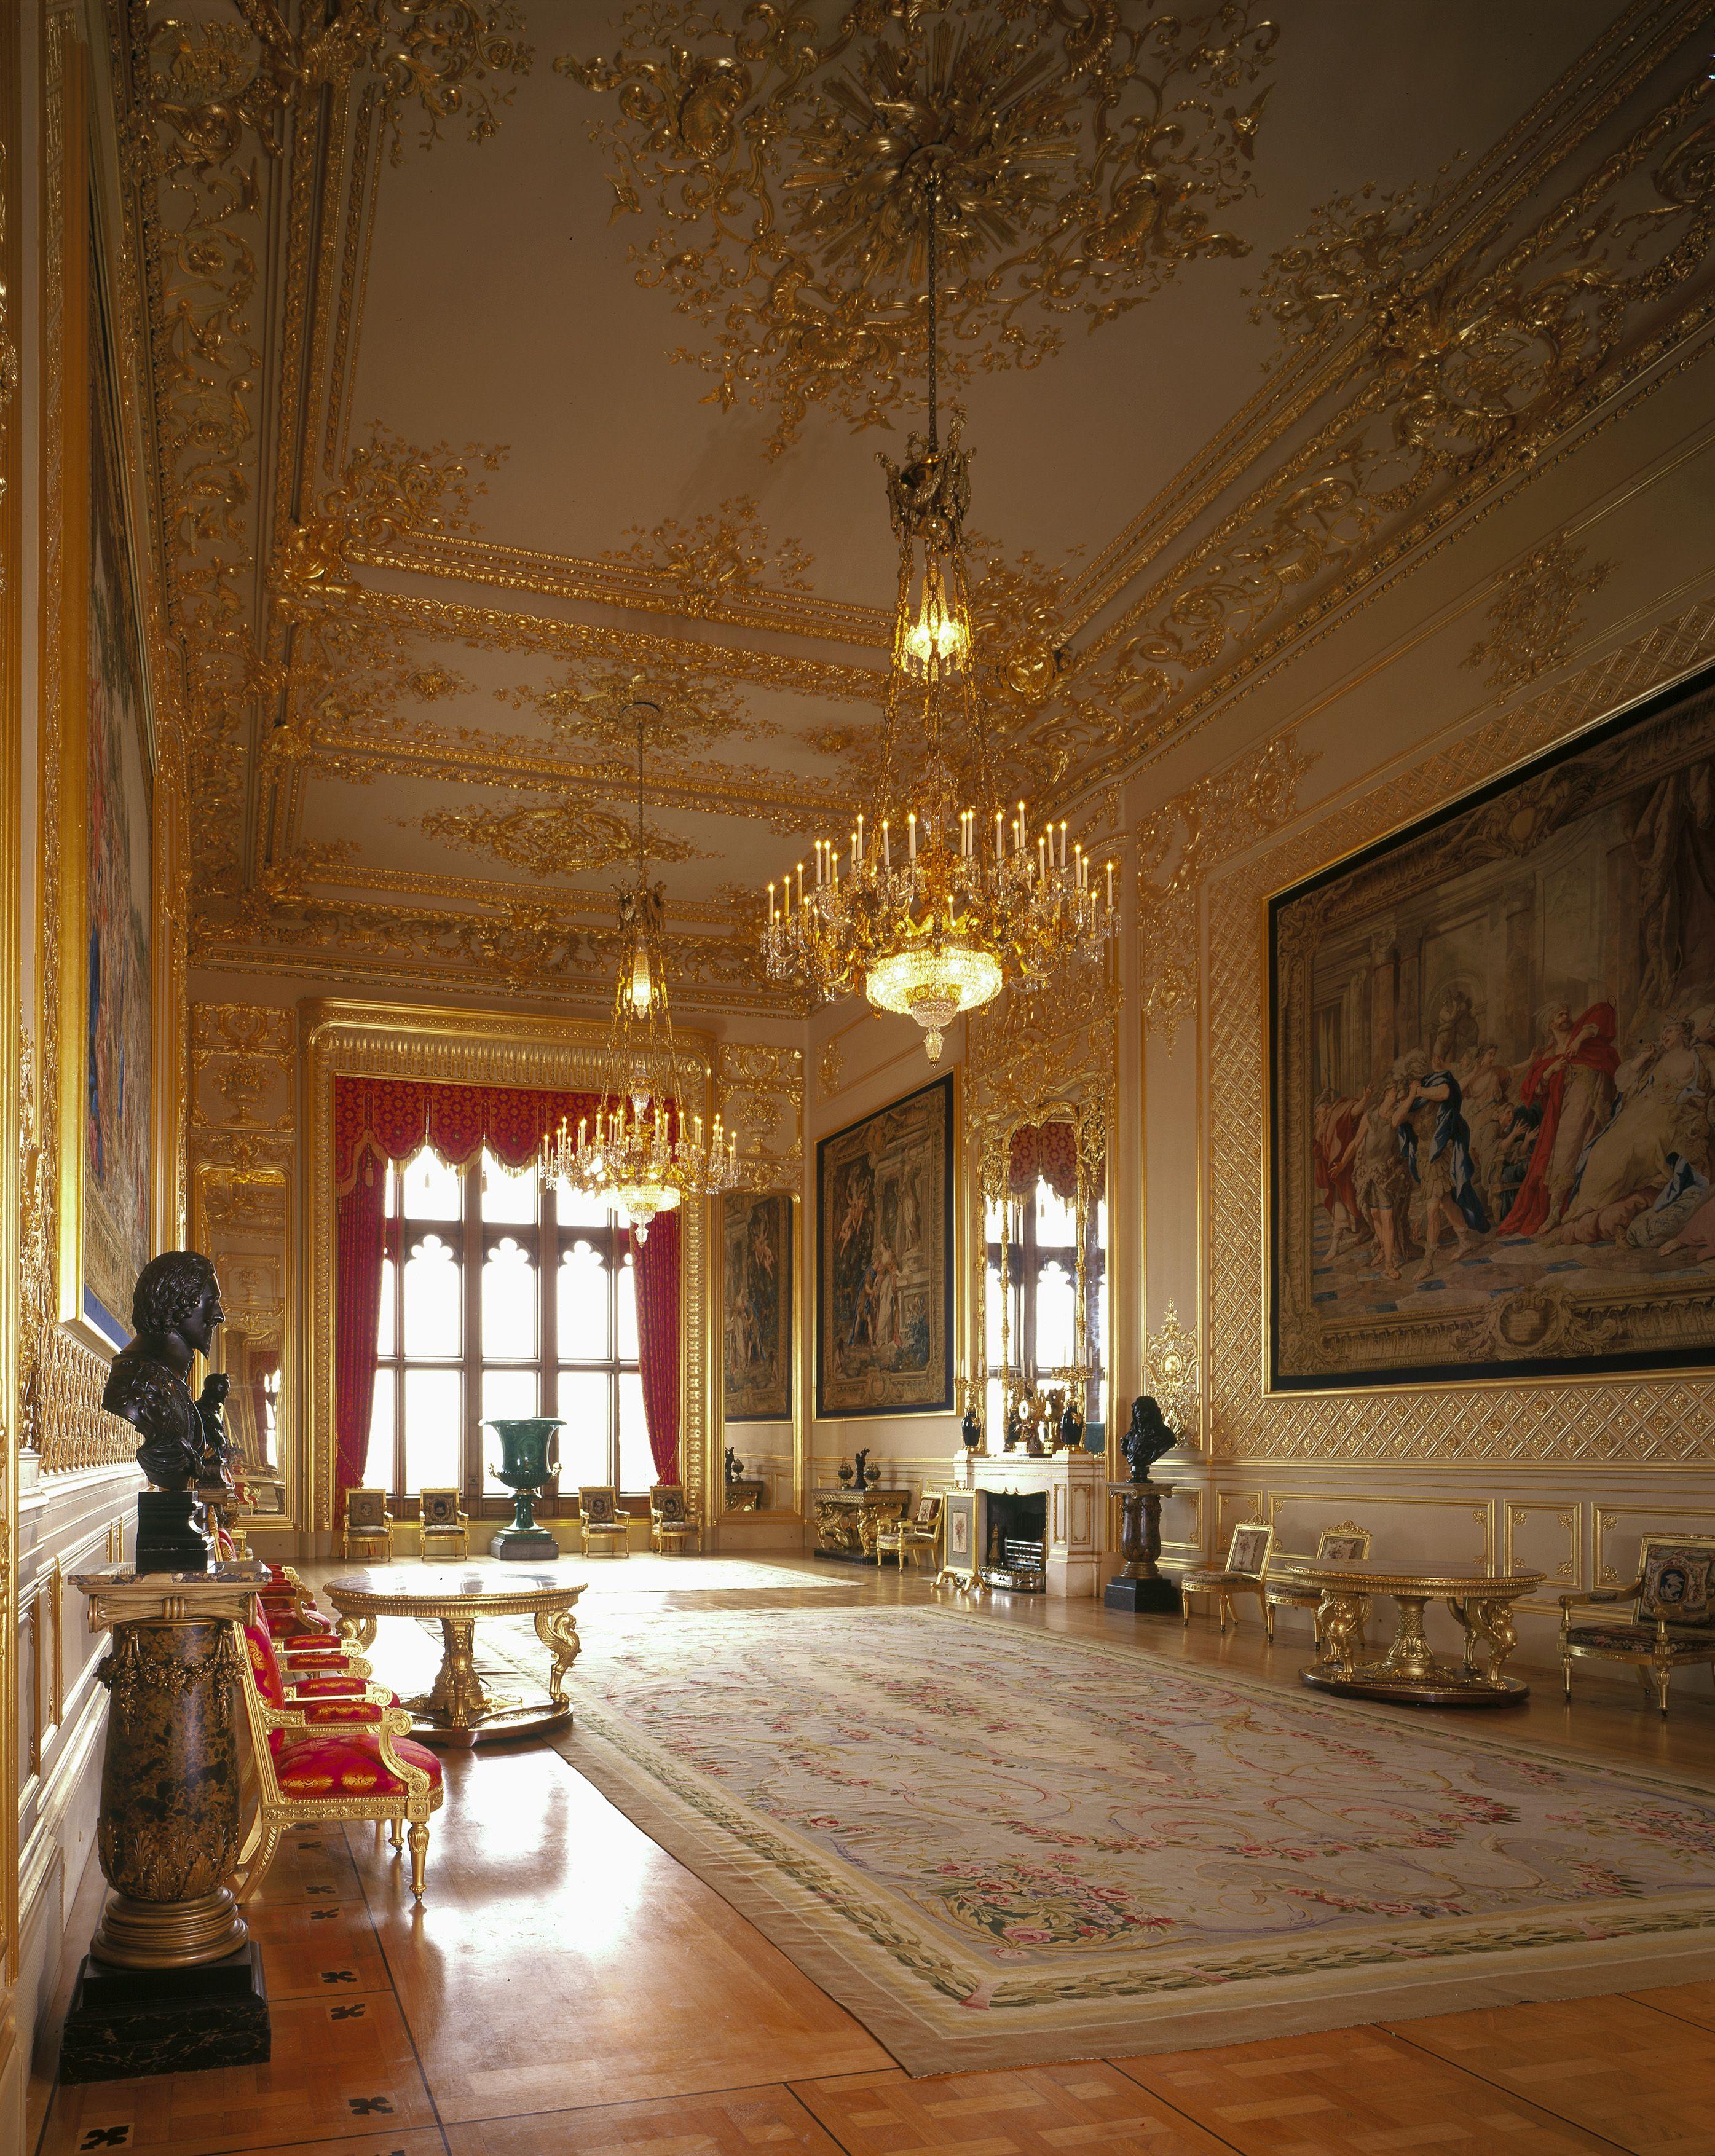 grand reception room windsor castle fit for a king or. Black Bedroom Furniture Sets. Home Design Ideas